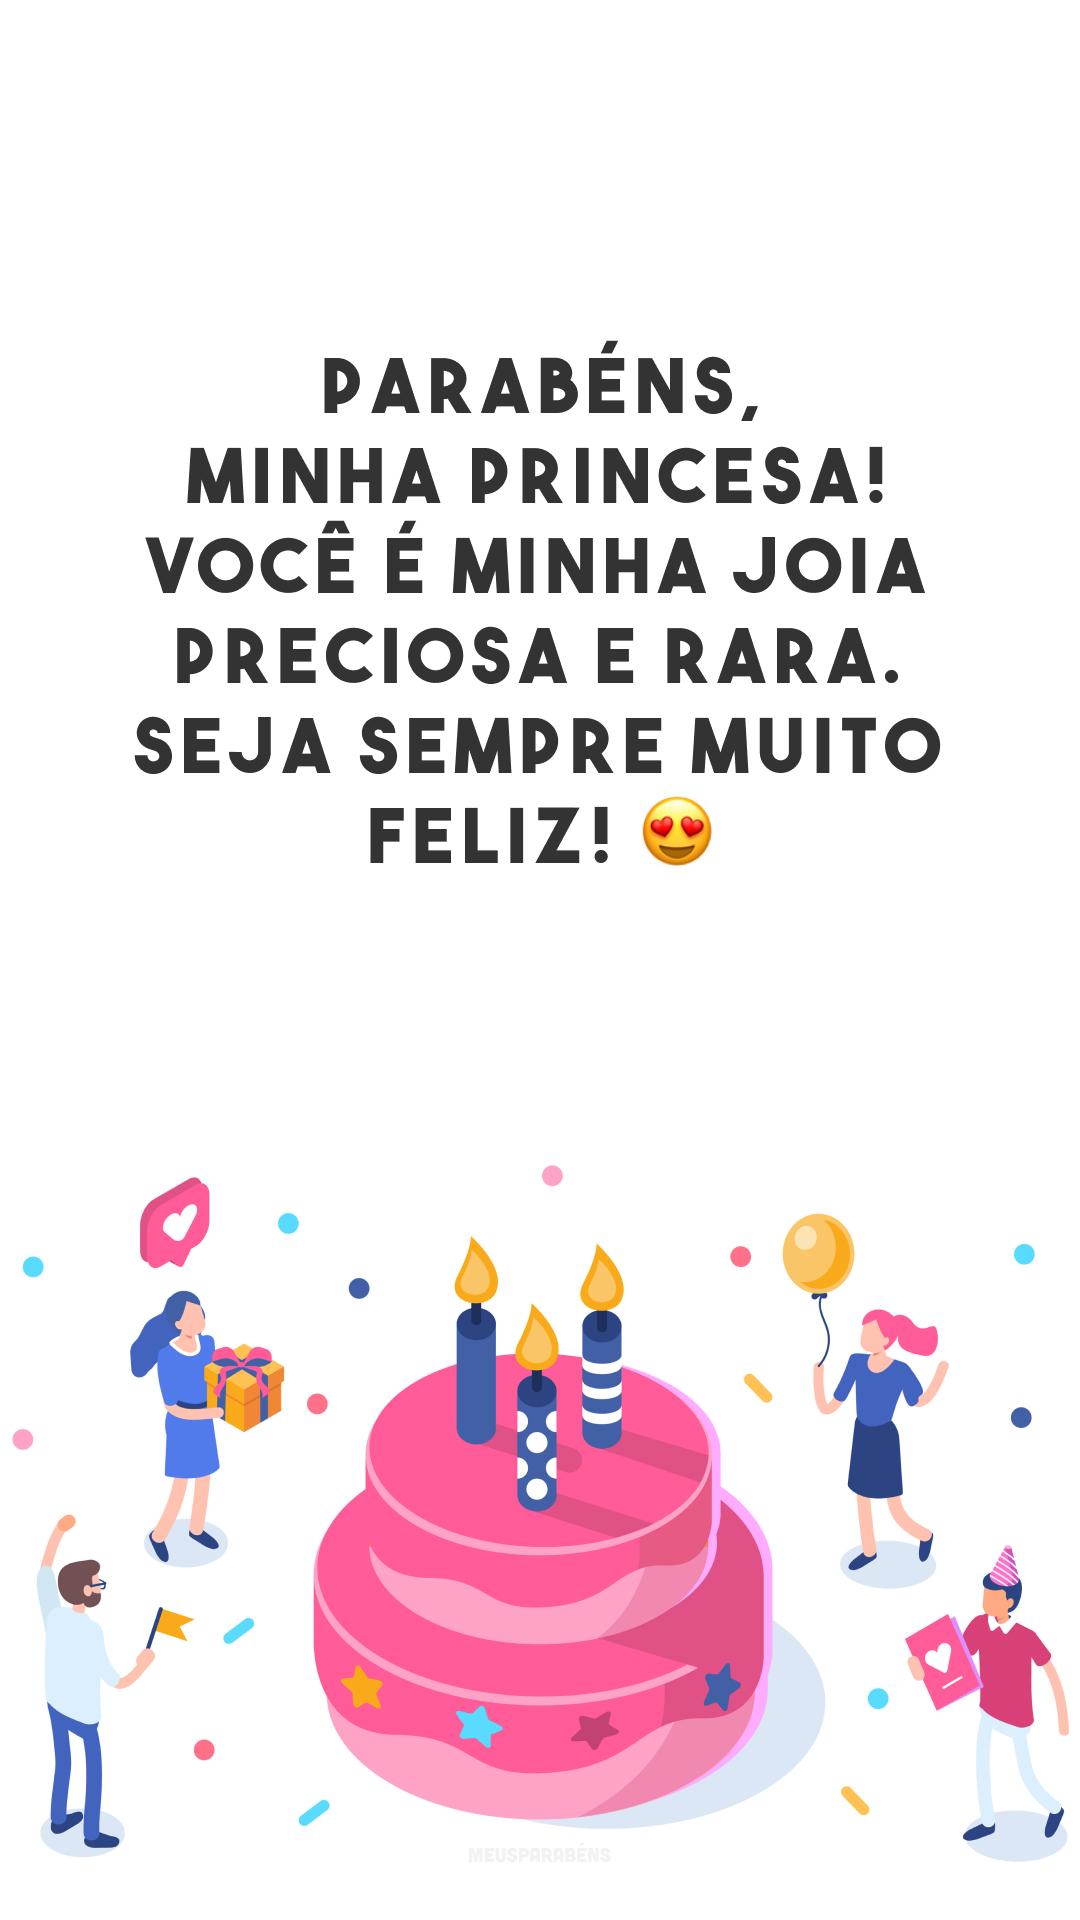 Parabéns, minha princesa! Você é minha joia preciosa e rara. Seja sempre muito feliz! 😍